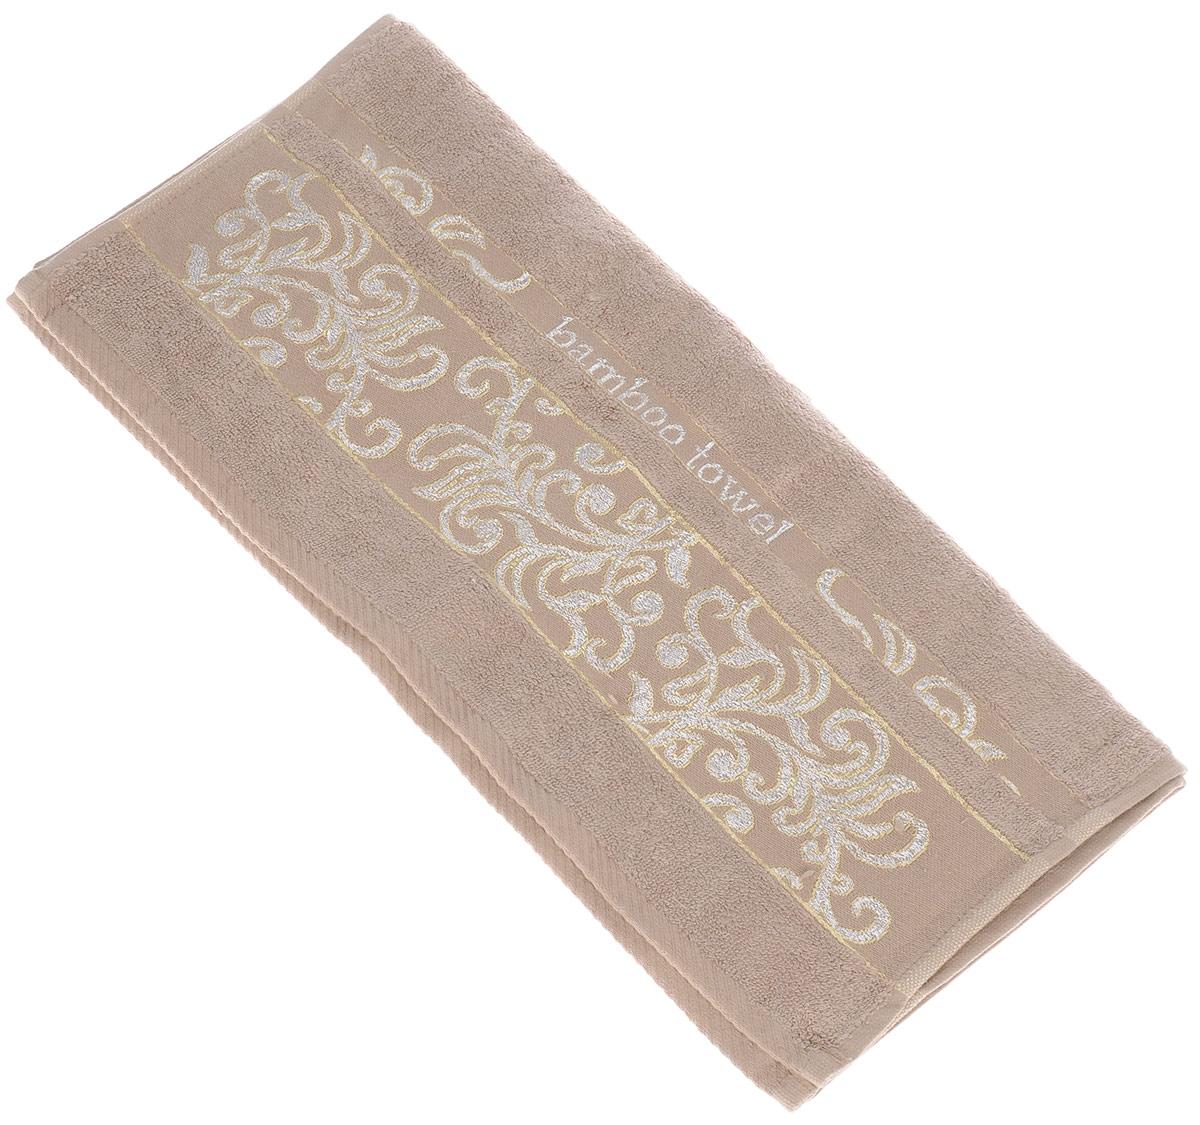 Полотенце Brielle Bamboo. Jacquard, цвет: мокко, 50 х 90 см74-0060Полотенце Brielle Bamboo. Jacquard выполнено из бамбука с содержанием хлопка. Изделие очень мягкое, оно отлично впитывает влагу, быстро сохнет, сохраняет яркость цвета и не теряет формы даже после многократных стирок. Модель оформлена узорным рисунком и надписью.Полотенце Brielle Bamboo. Jacquard очень практично и неприхотливо в уходе.Такое полотенце послужит приятным подарком.